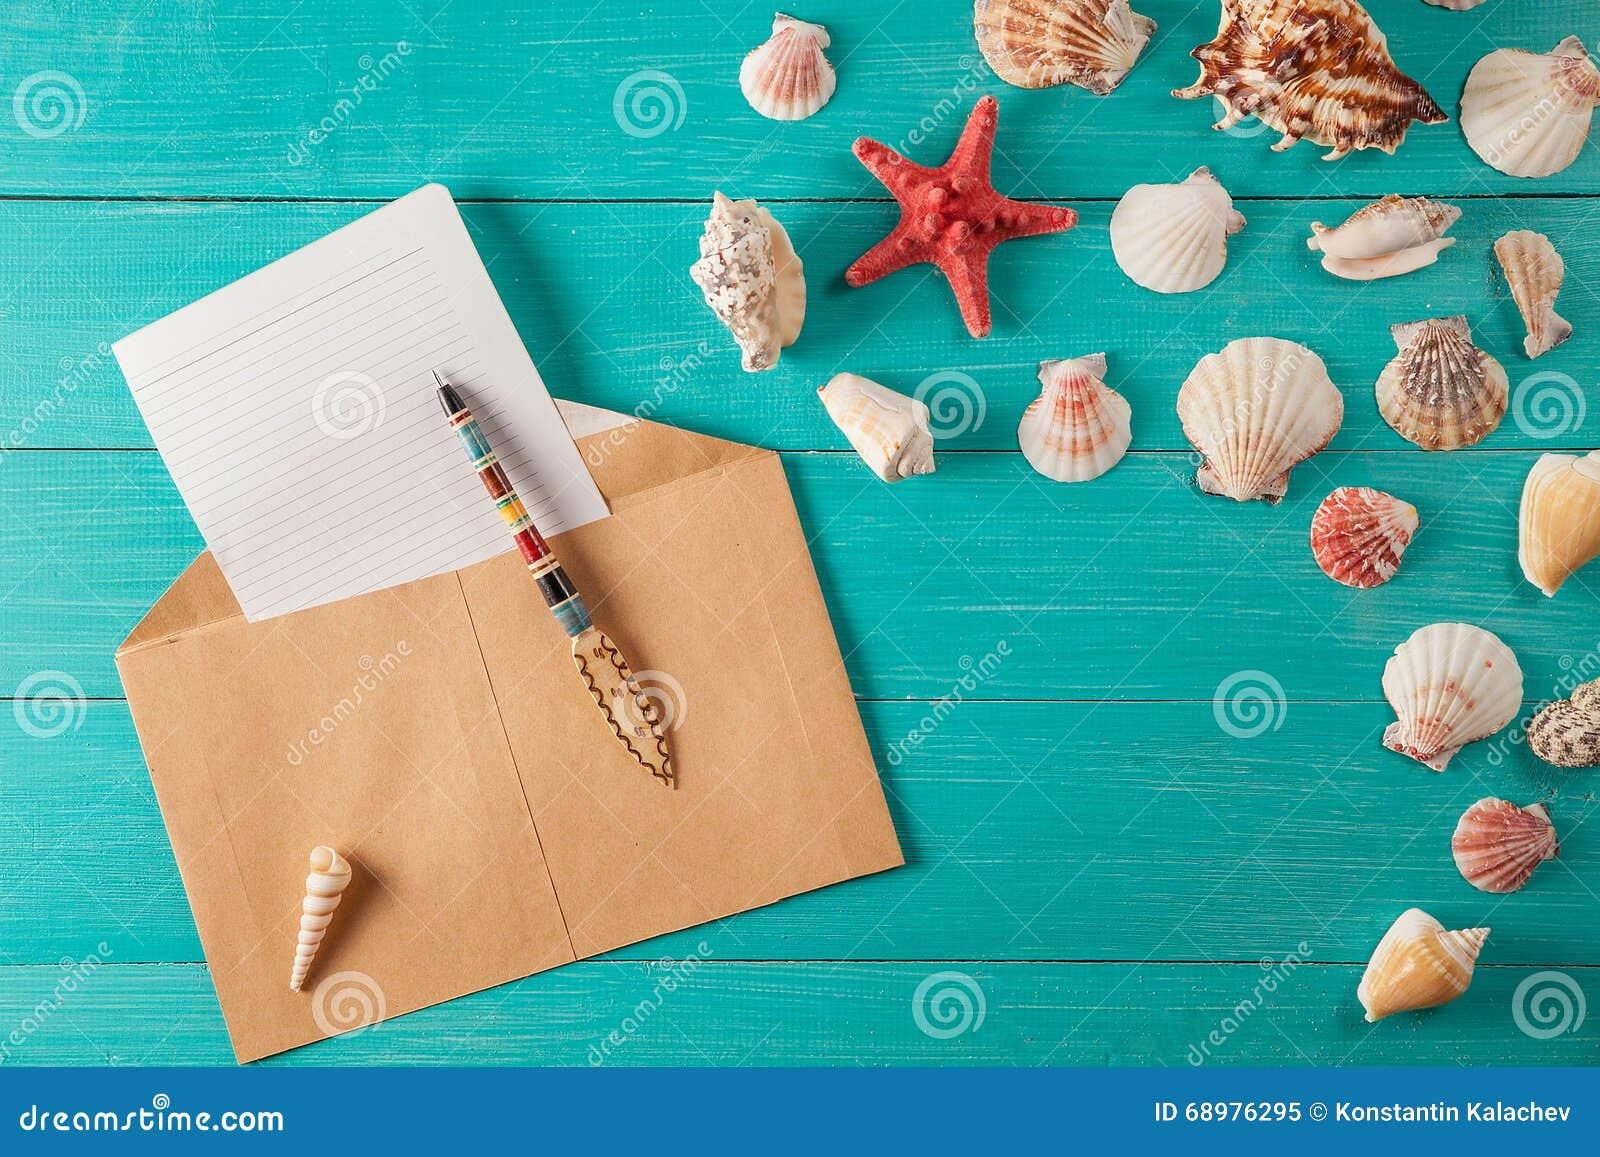 El papel para las notas acerca a conchas marinas en fondo de madera